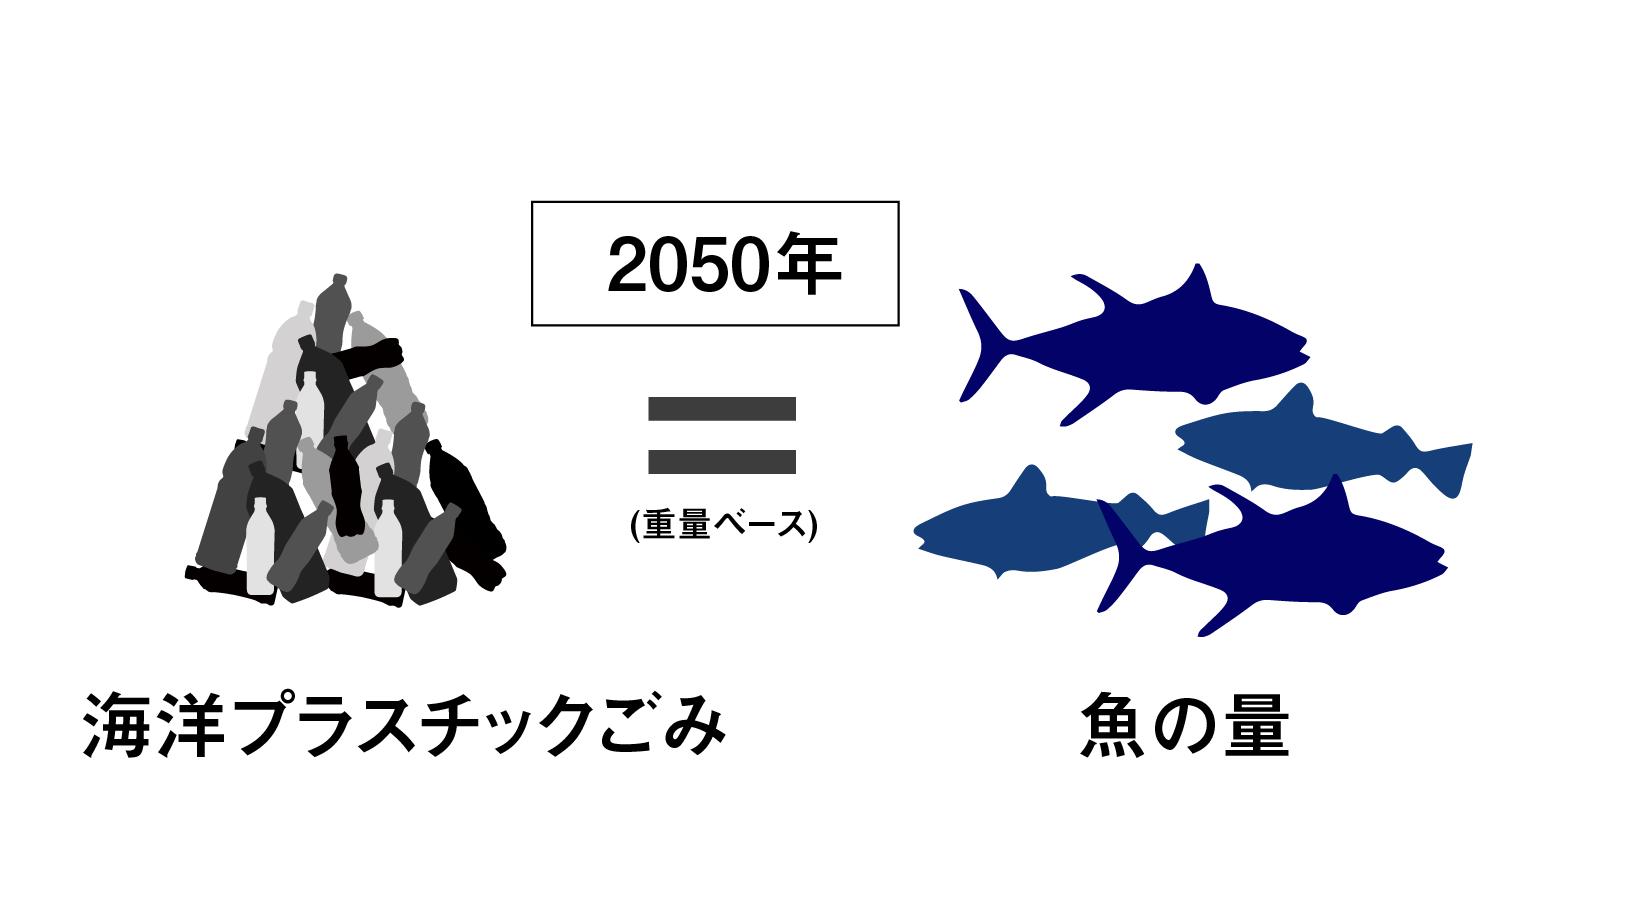 海洋プラスチックごみが魚より増える